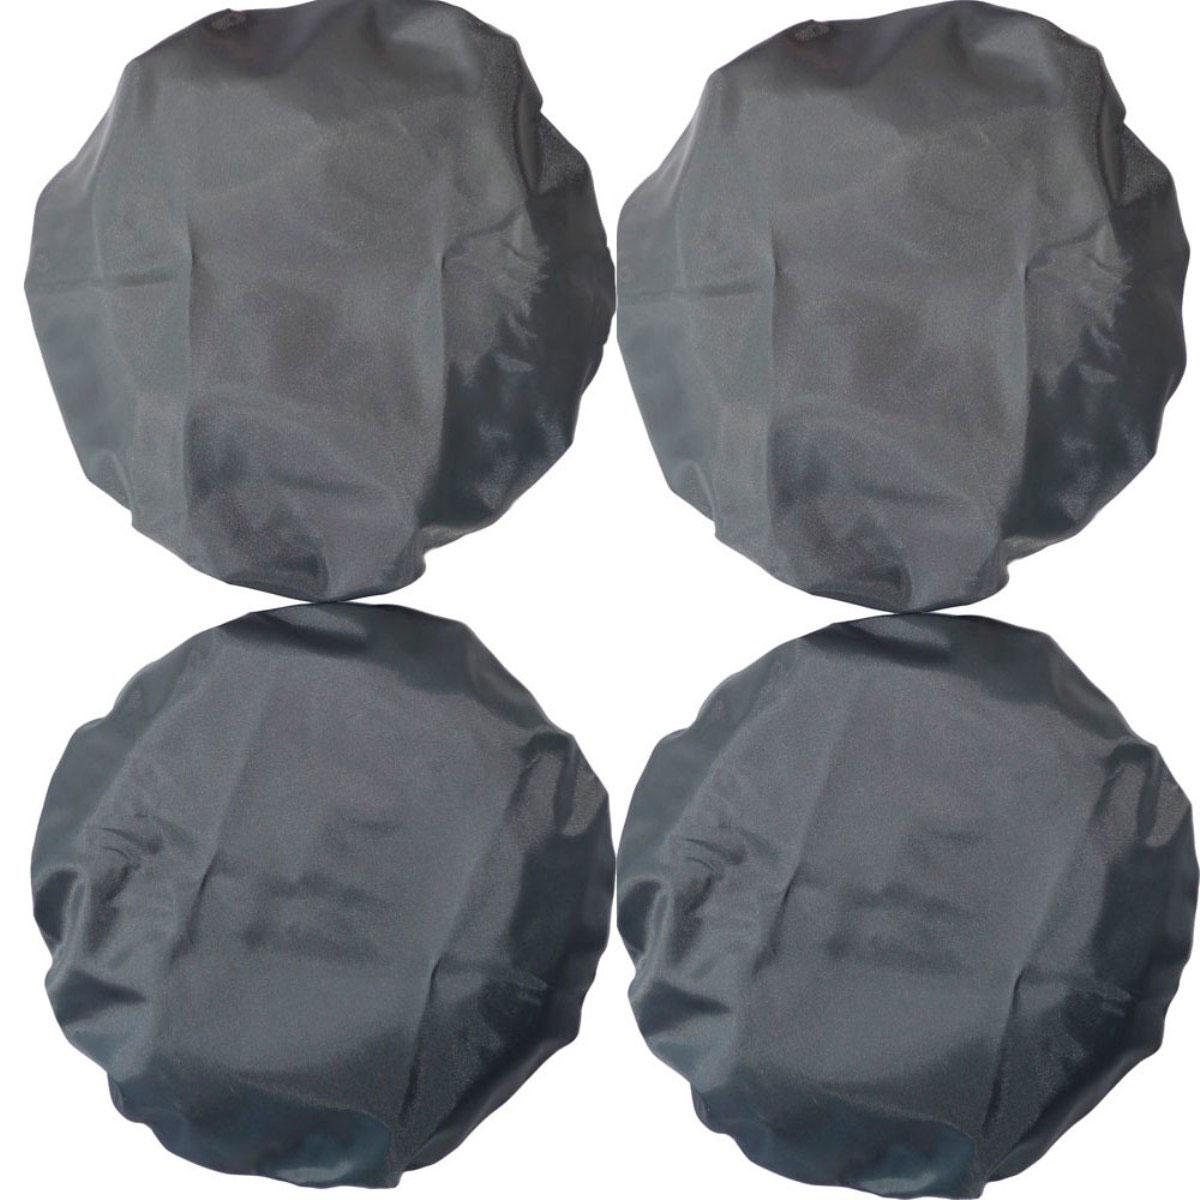 Чехлы на колеса коляски Чудо-Чадо цв. мокрый асфальт, D 18-23 см, 4 шт.